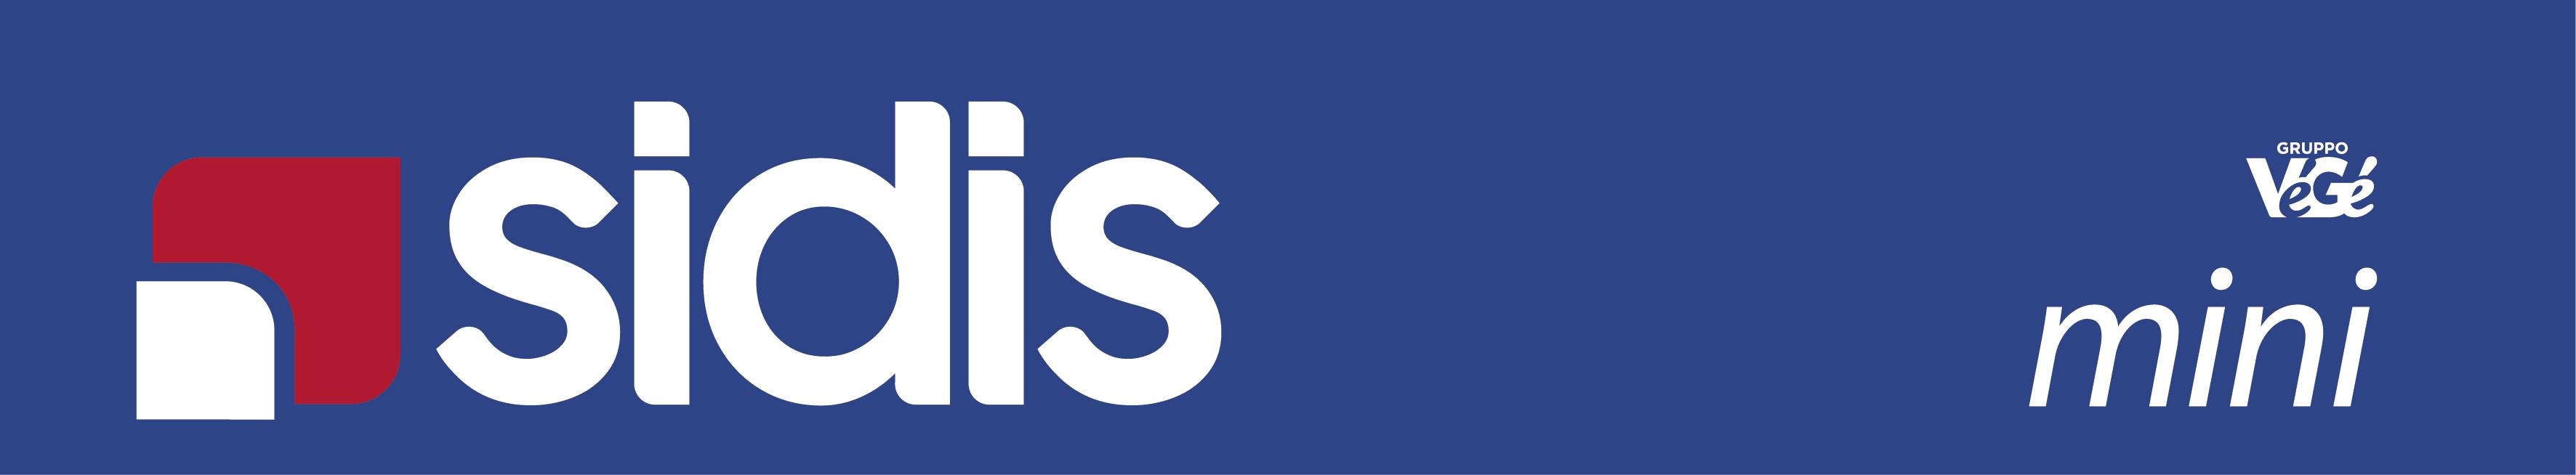 Logo Sidis mini GDO (Grande Distribuzione Organizzata)